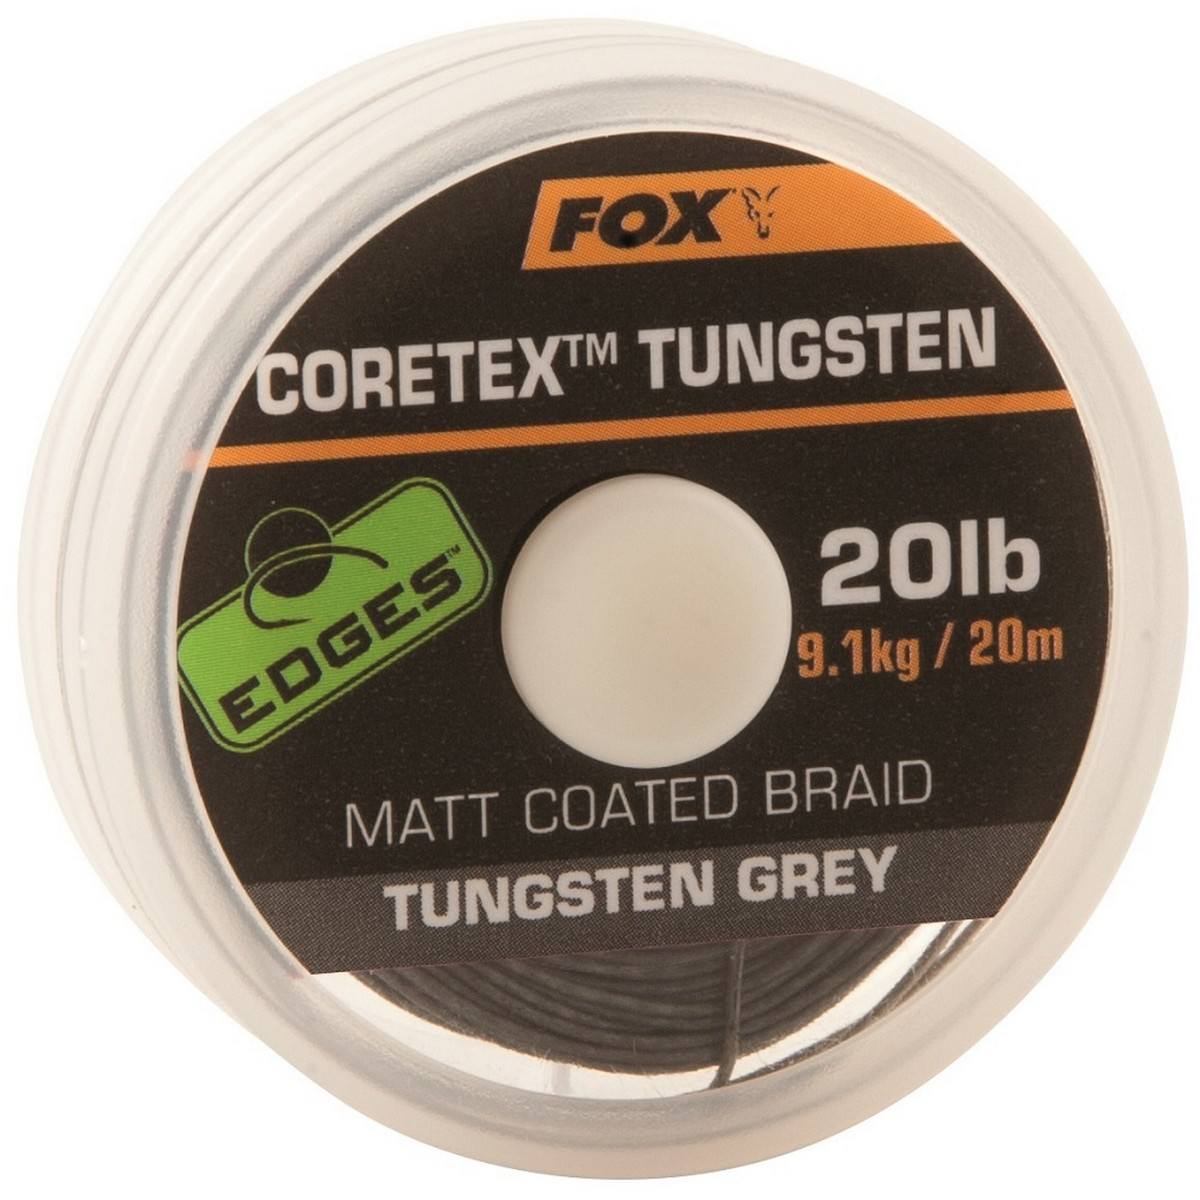 Риболовно влакно Fox Edges Coretex Tungsten 20m